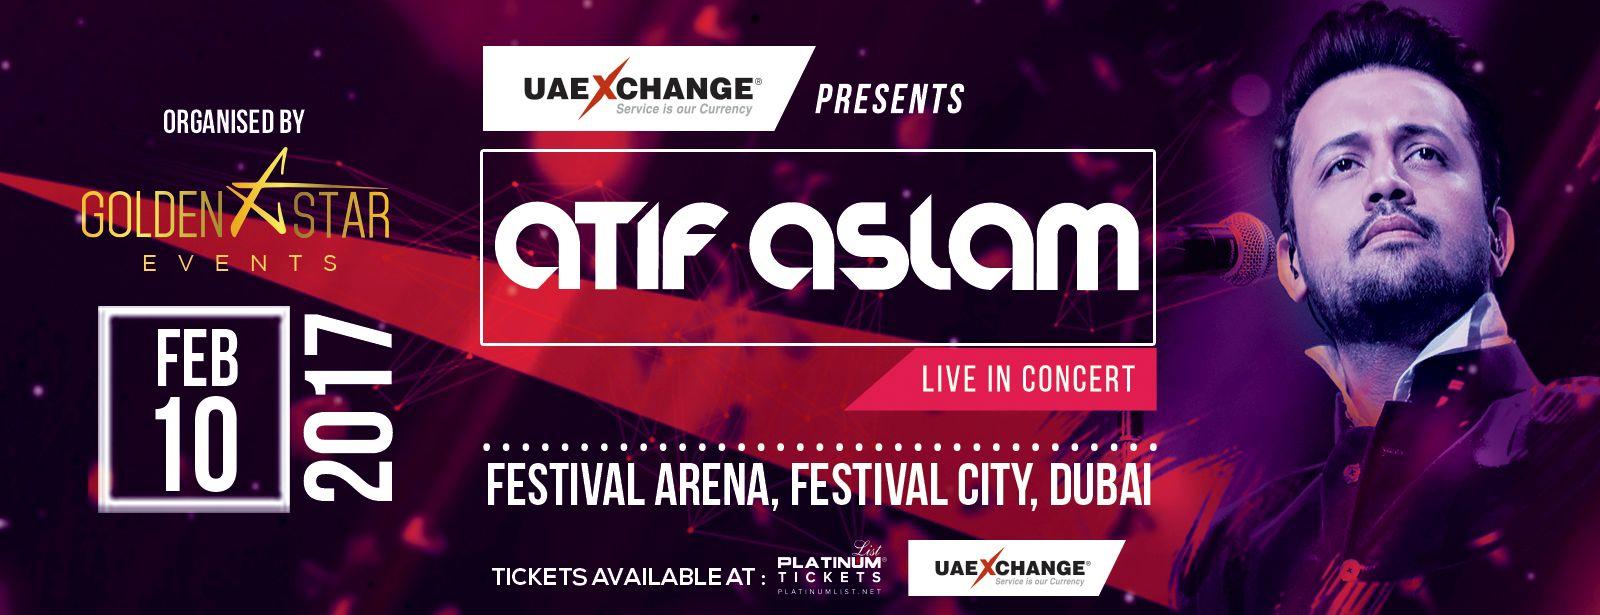 حفل مغني البوب عاطف اسلم في دبي خلال شهر فبراير 2017